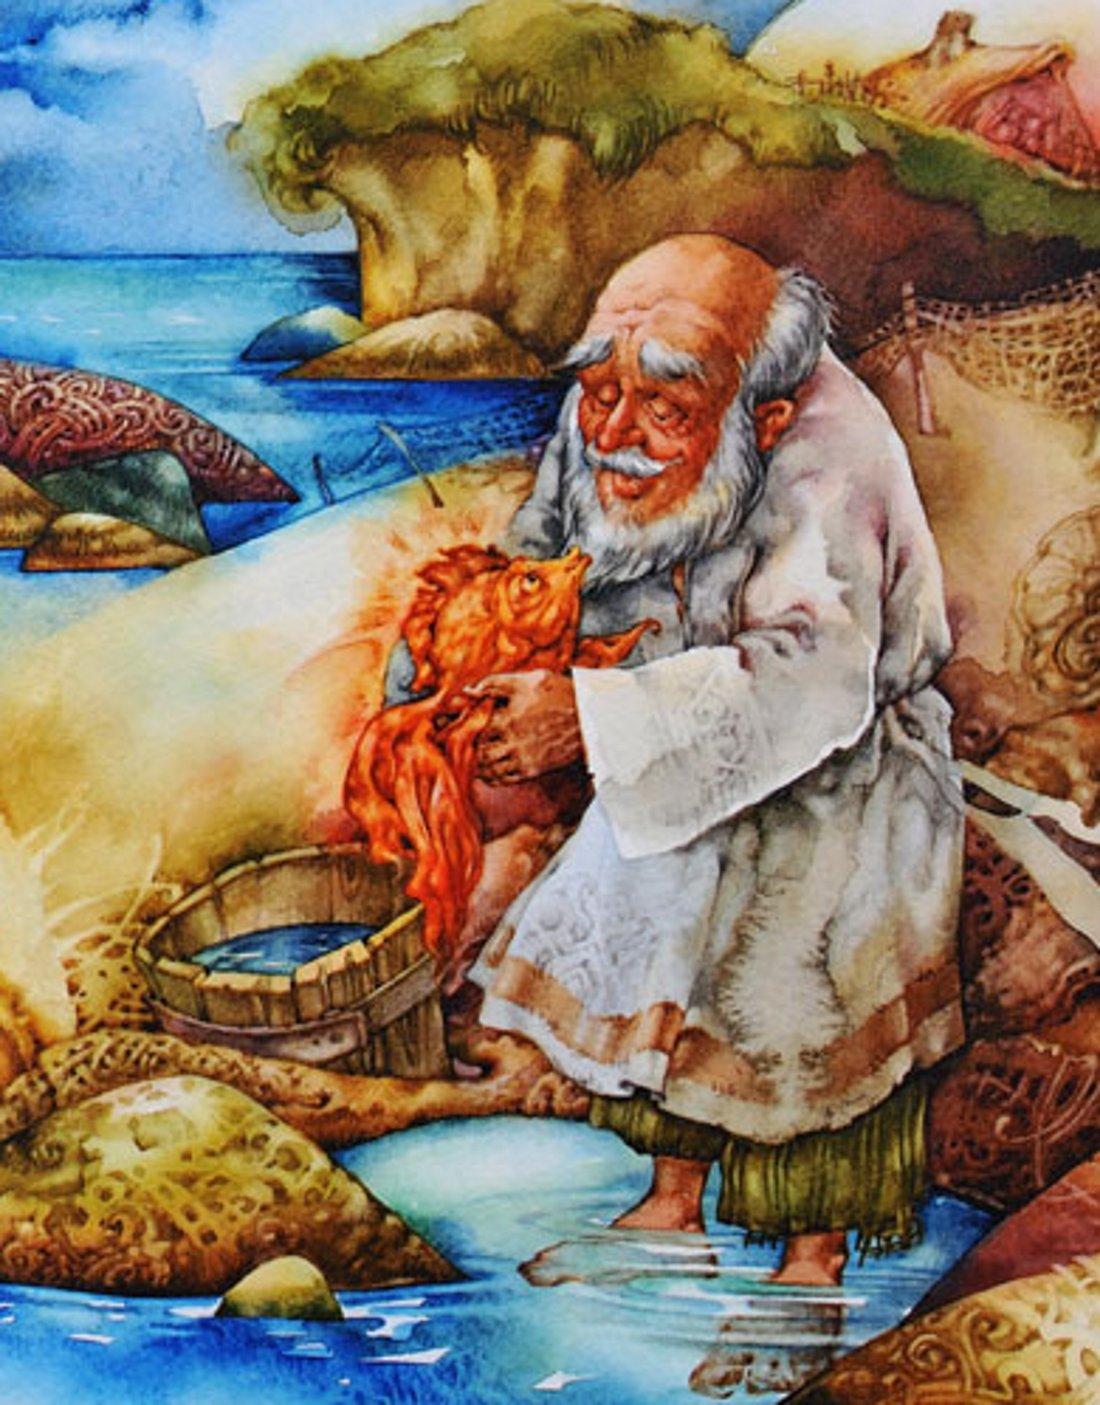 Картинки сказке золотой рыбки